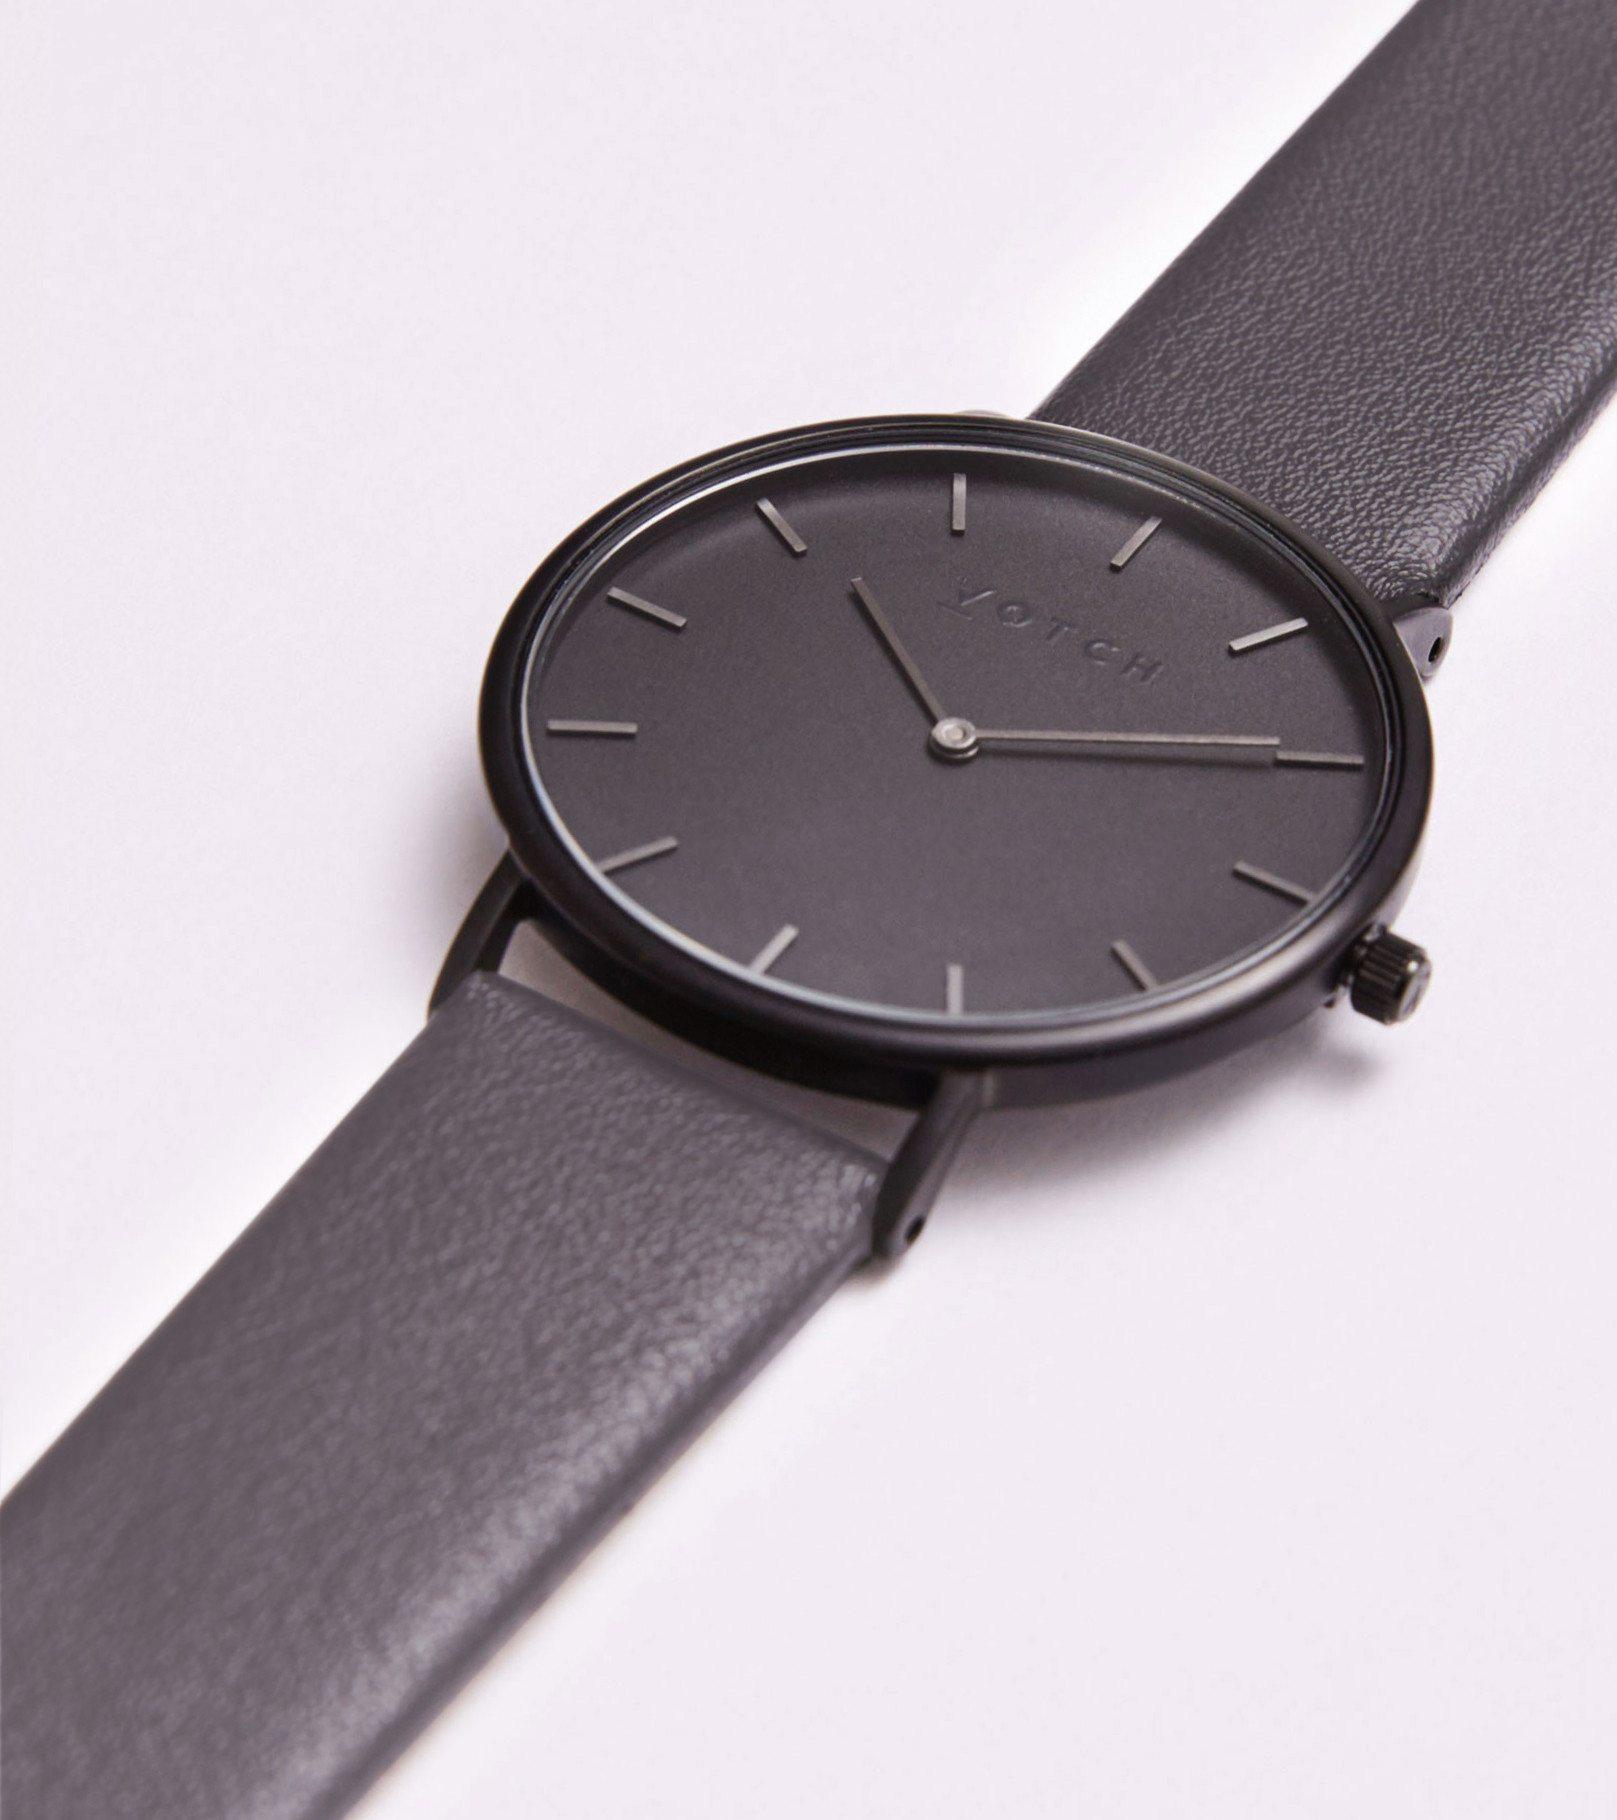 The Dark Grey Watch